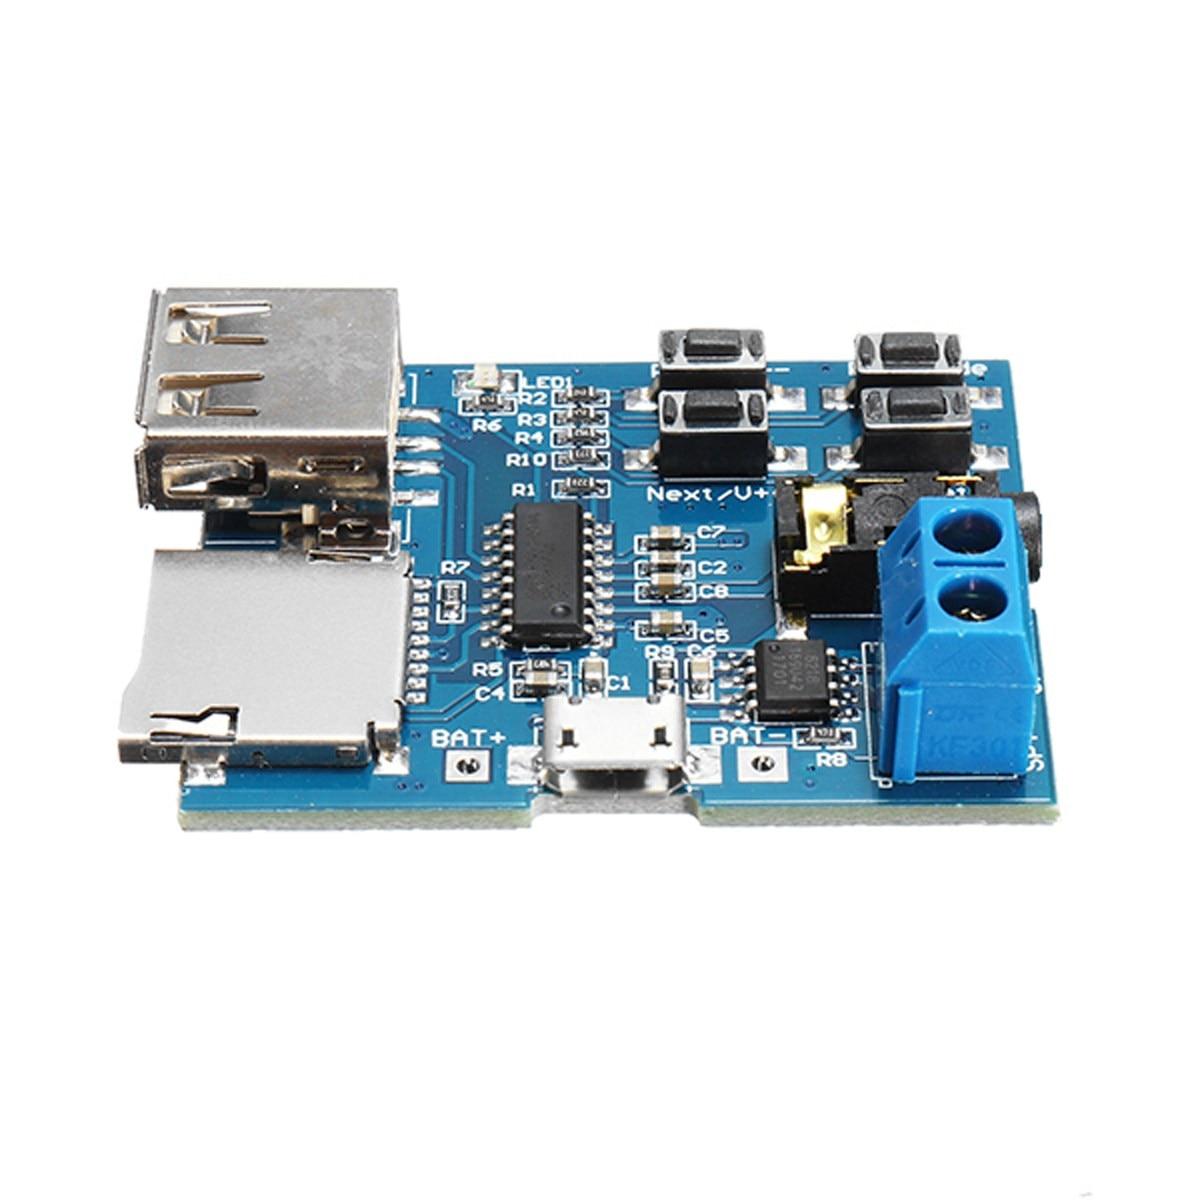 Leory 3/5/10 шт. USB MP3 без потерь модуль с усилителем Mp3 неразрушающего декодер доска карты памяти у диск декодирования плеер 3.7-5.5 В